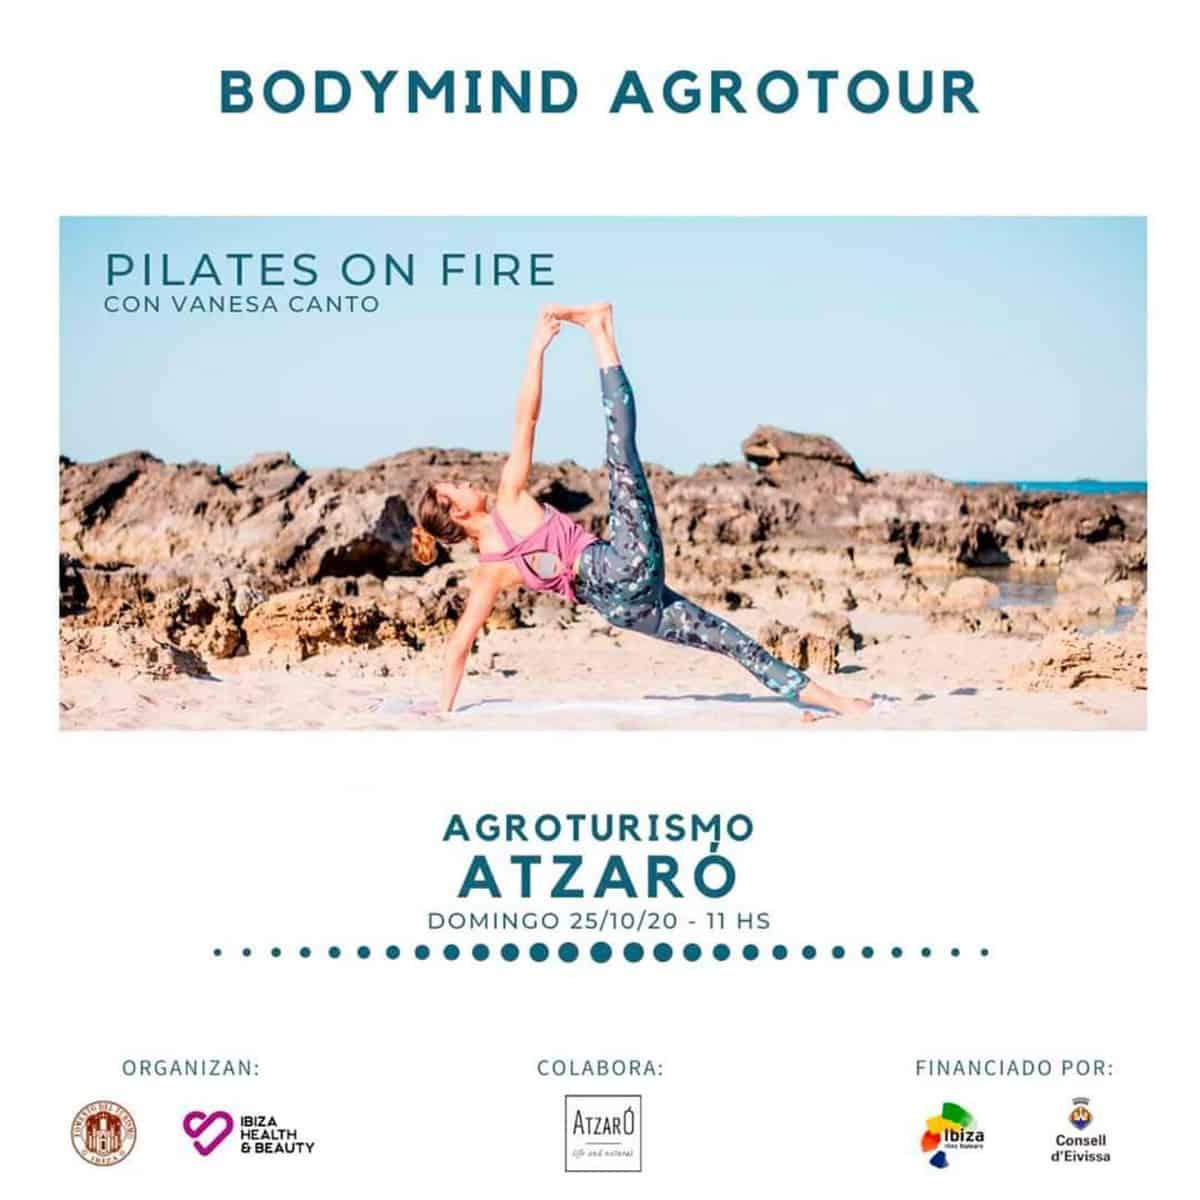 bodymind-agrotur-pilates-vanesa-canto-agroturismo-atzaro-ibiza-2020-welcometoibiza